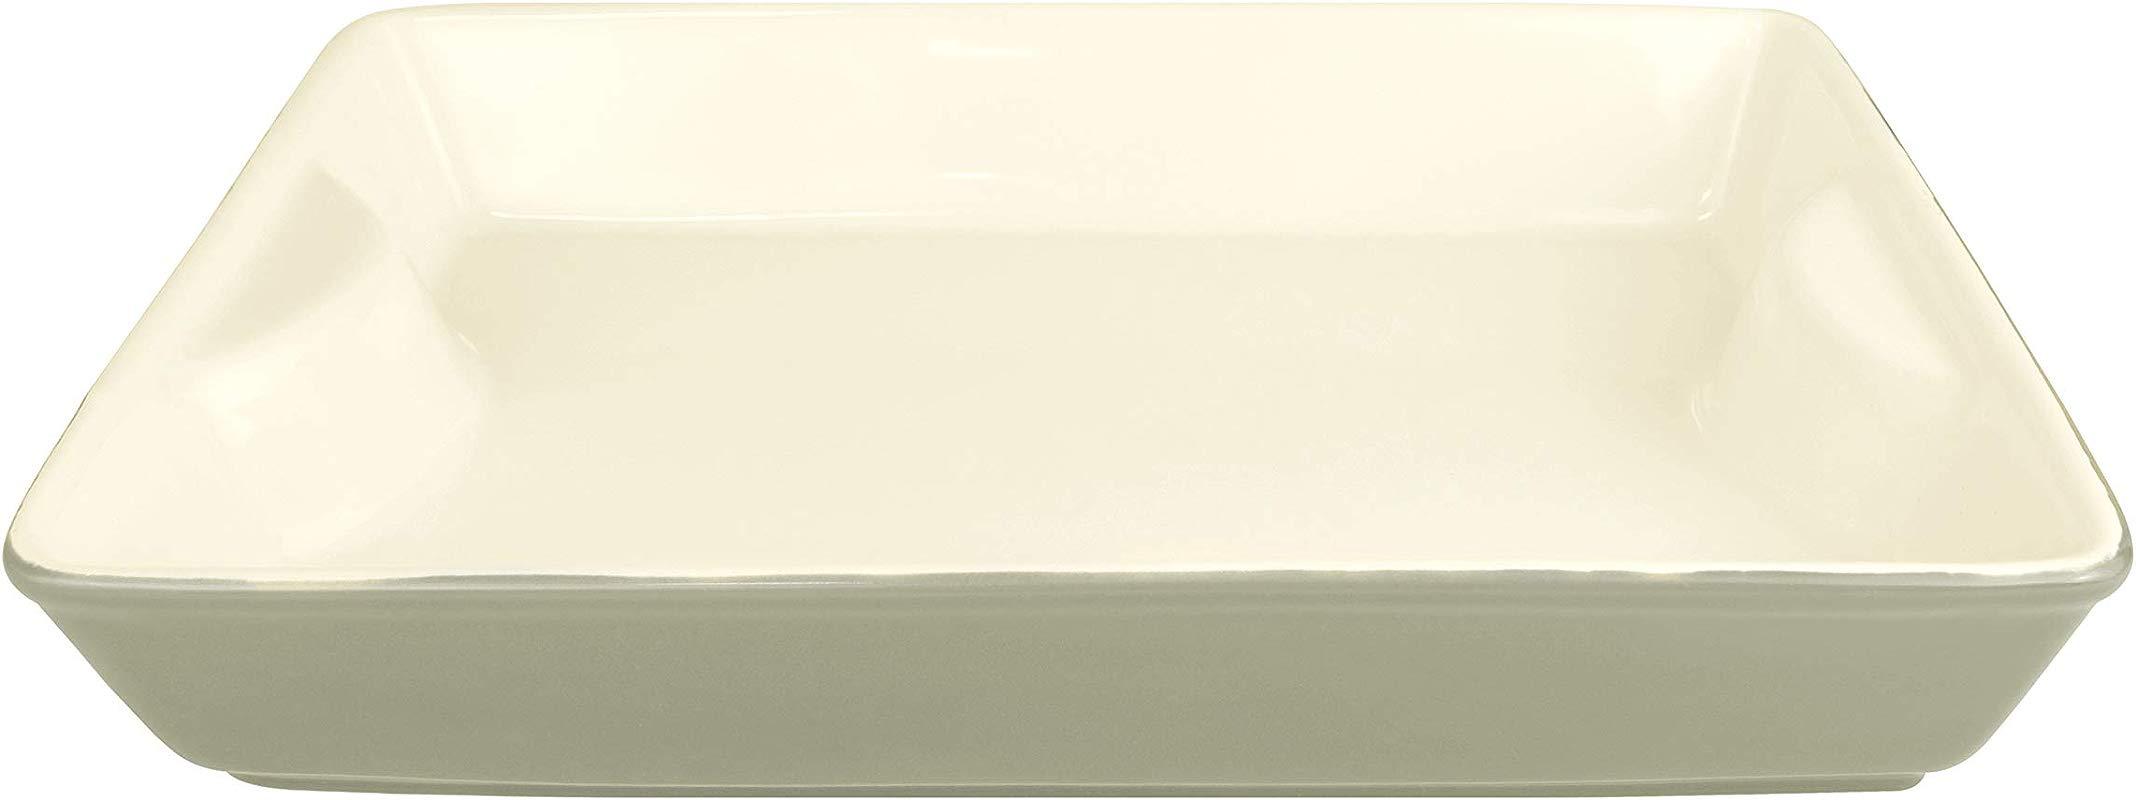 LE REGALO Stoneware Rectangular Baking Dish 11 X8 X2 White